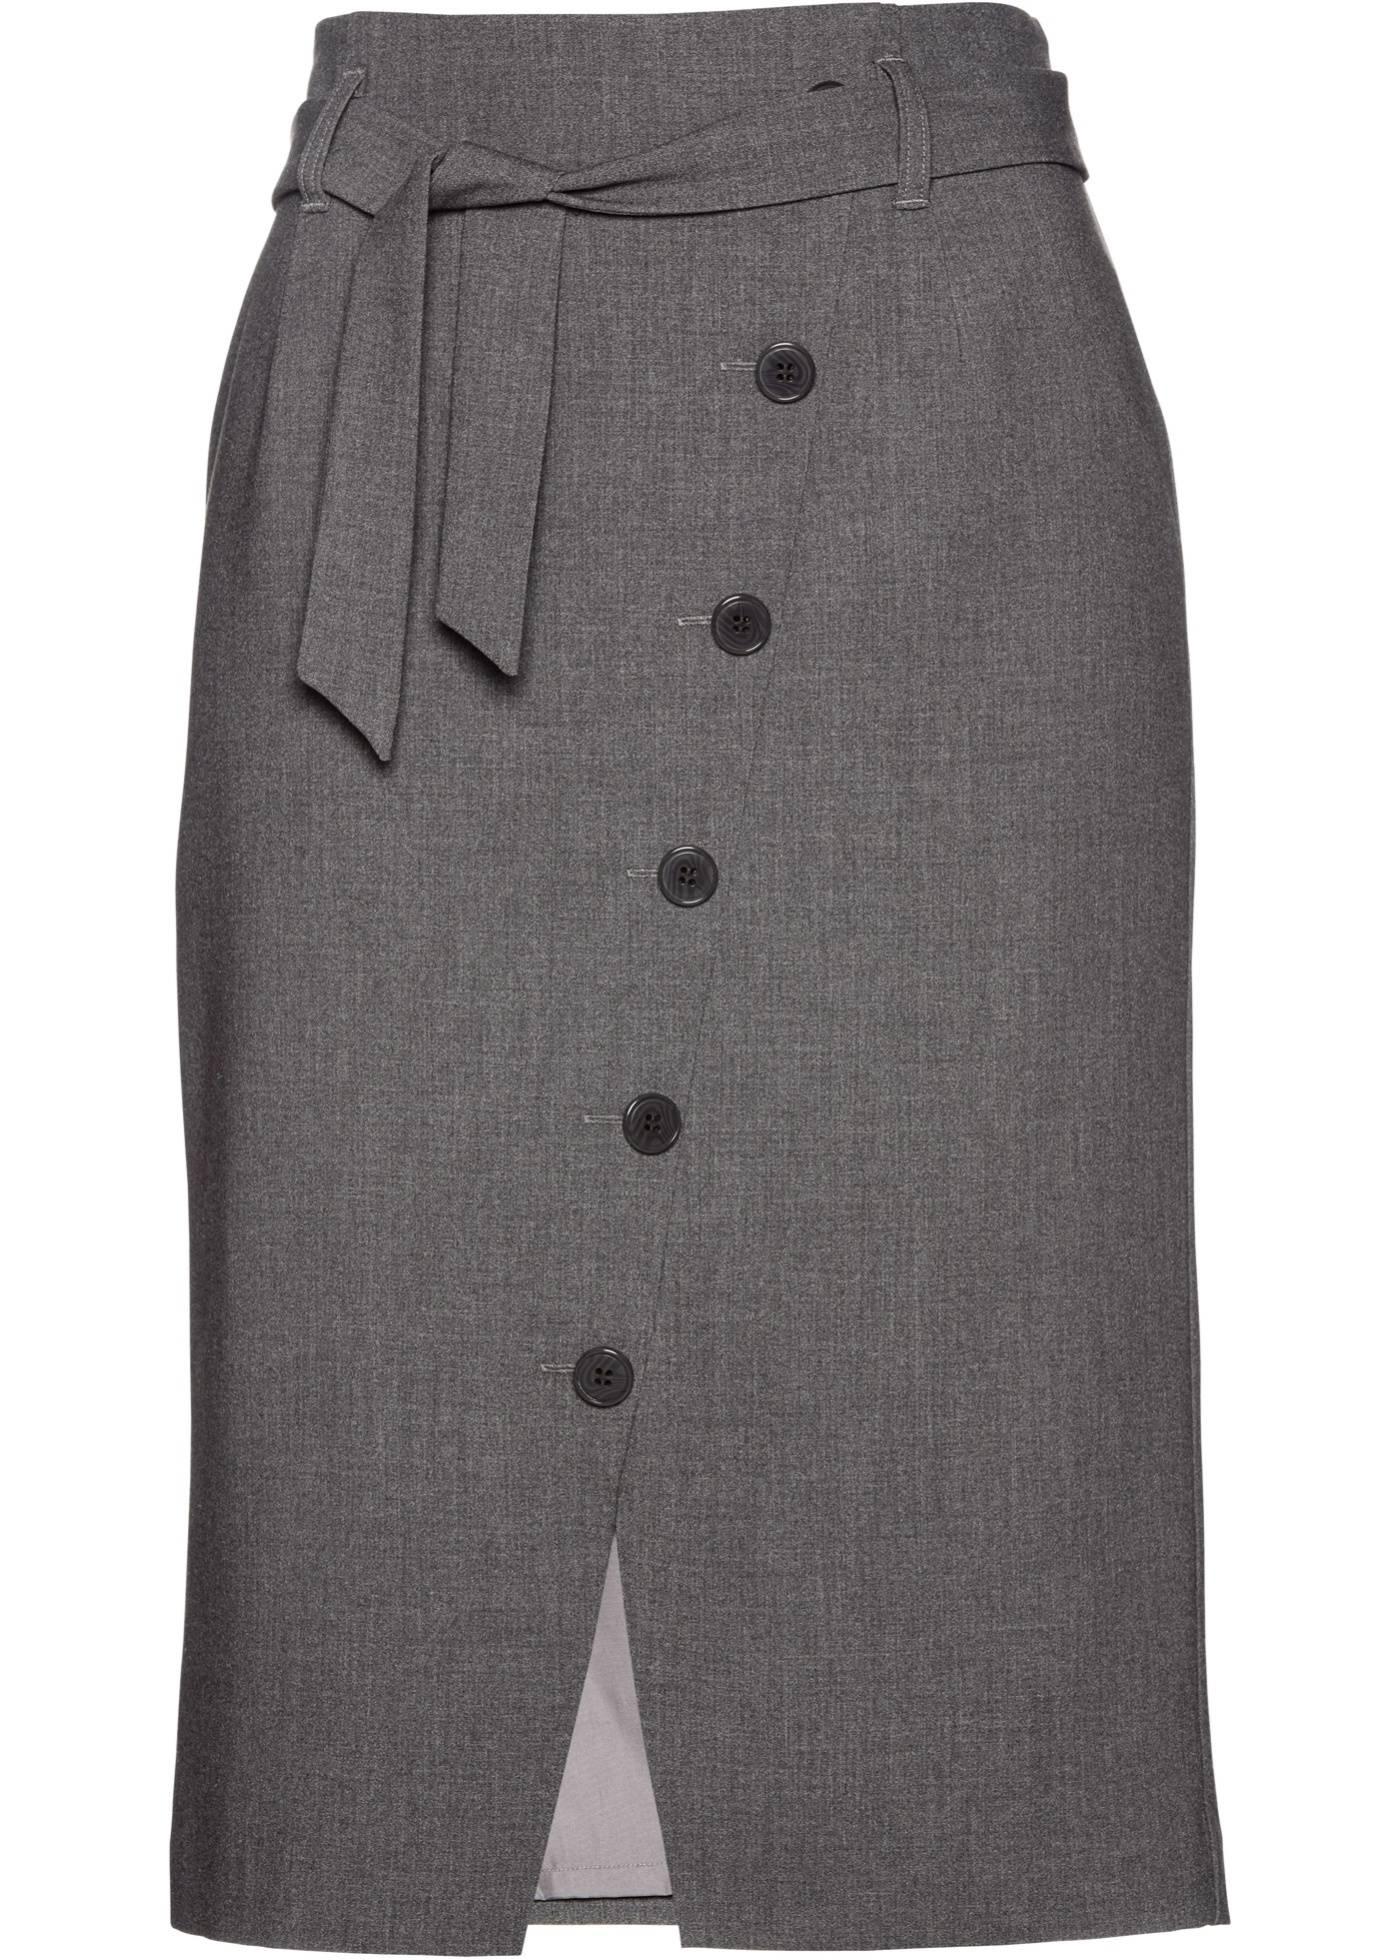 ещё юбки на пуговицах картинки понравилось сочетание свободной